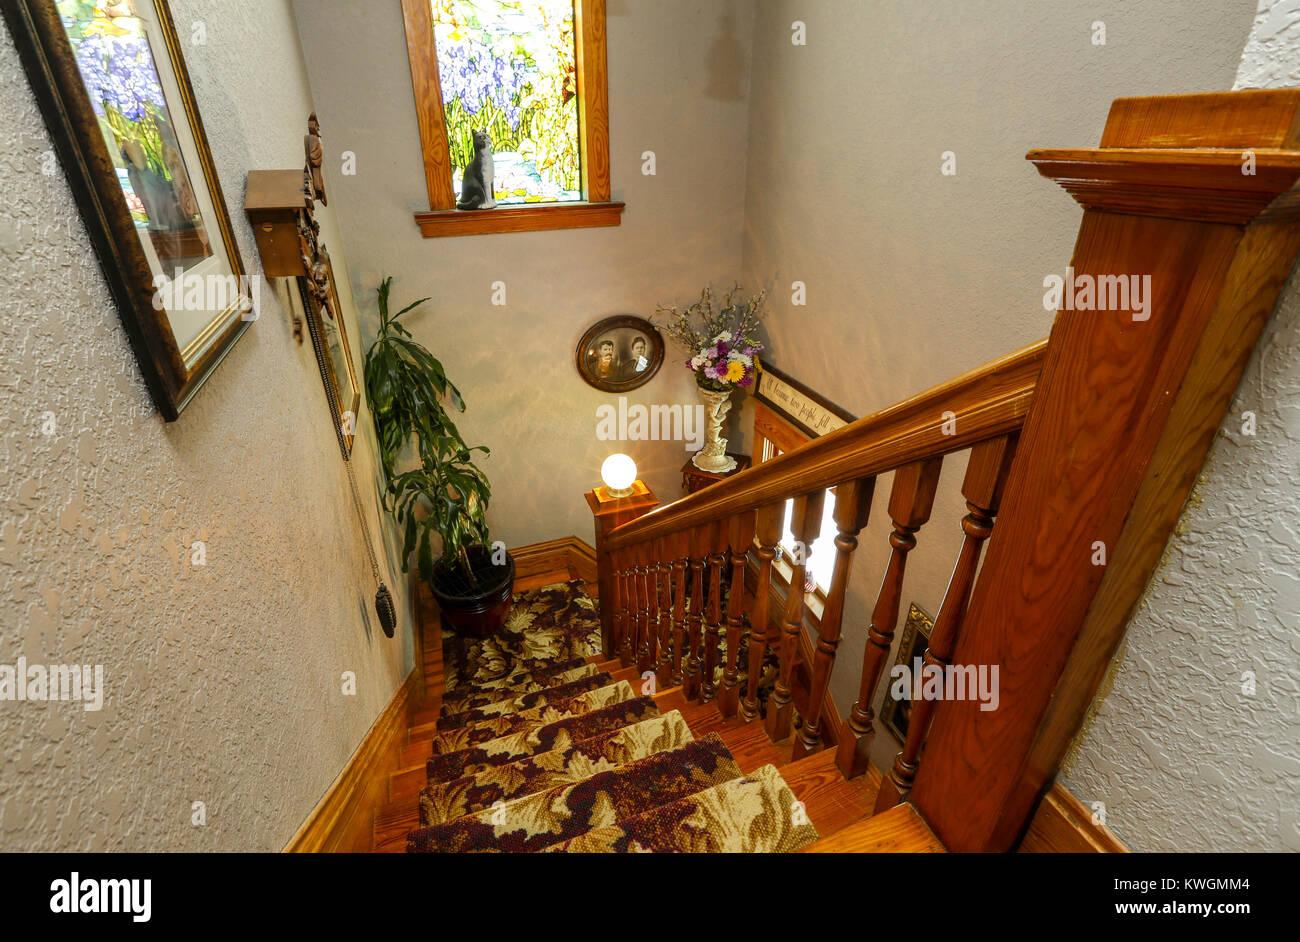 Escalier Dans La Maison davenport, iowa, États-unis. 2 août, 2016. l'escalier de la